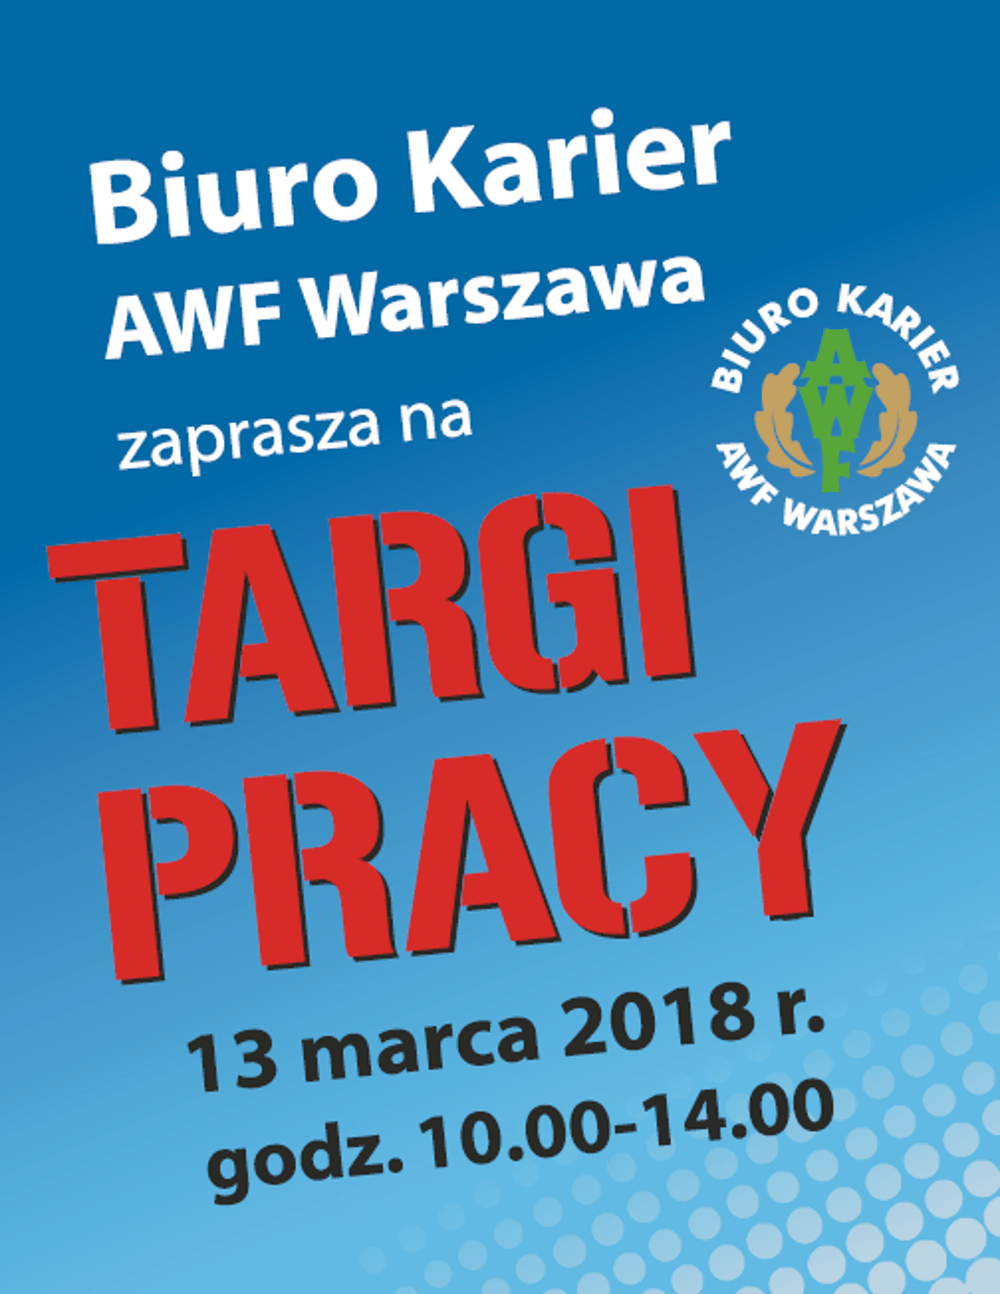 Targi Pracy odbędą się 13 marca 2018 roku w godzinach 10:00-14:00.